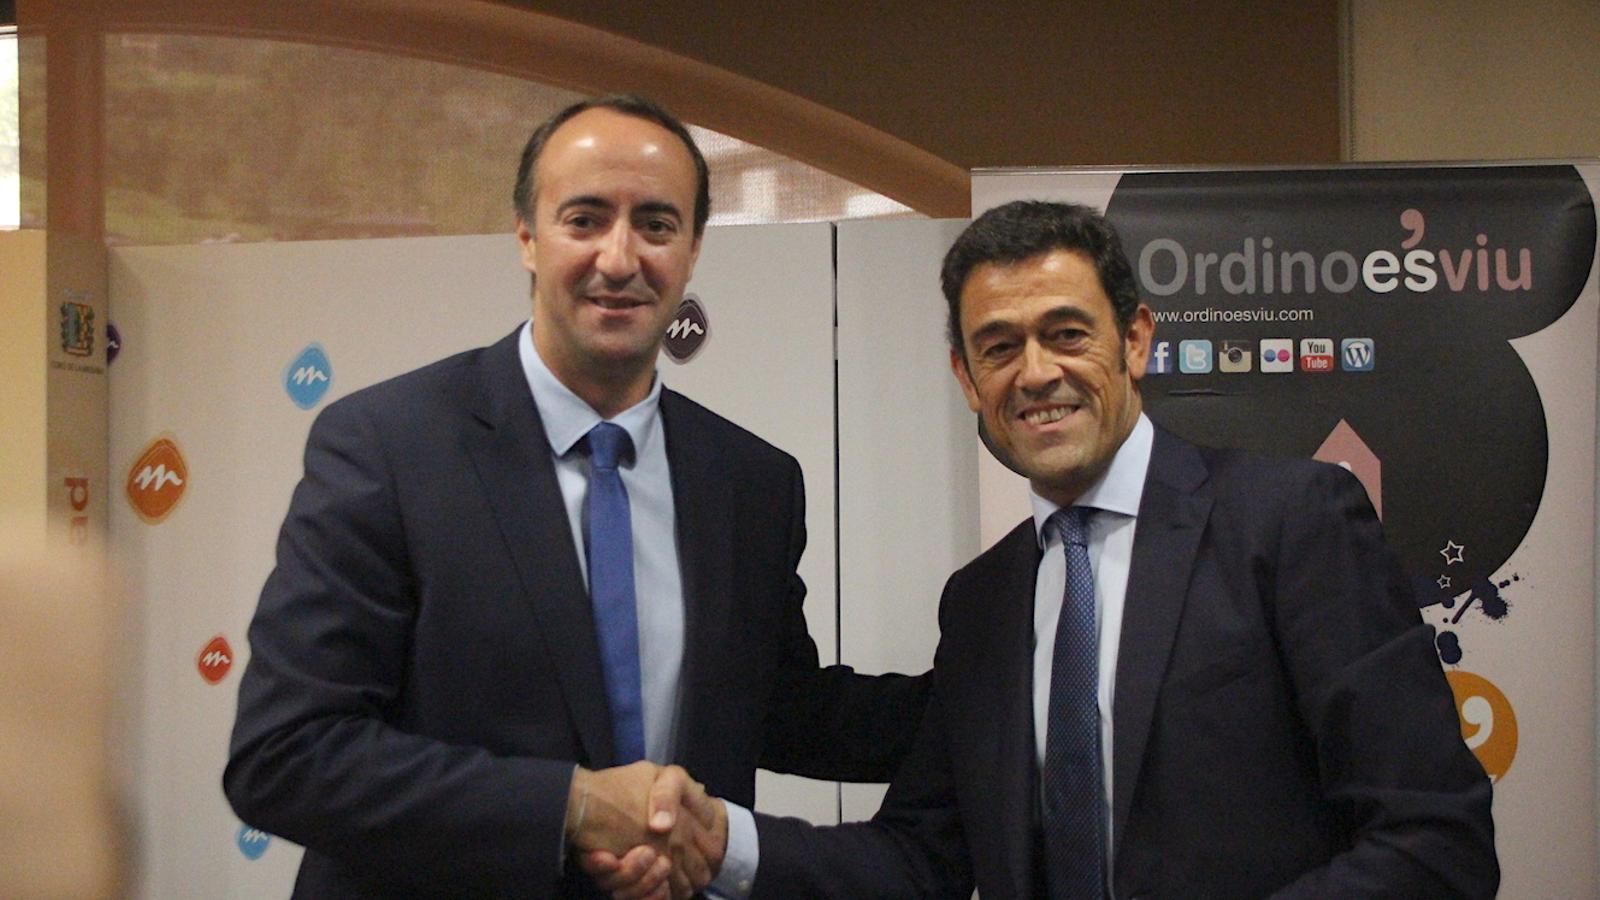 Els cònsols de la Massana i d'Ordino, David Baró i Josep Àngel Mortés, signen els convenis per a La Capsa i l'Escola de Música. / C.G. (ANA)